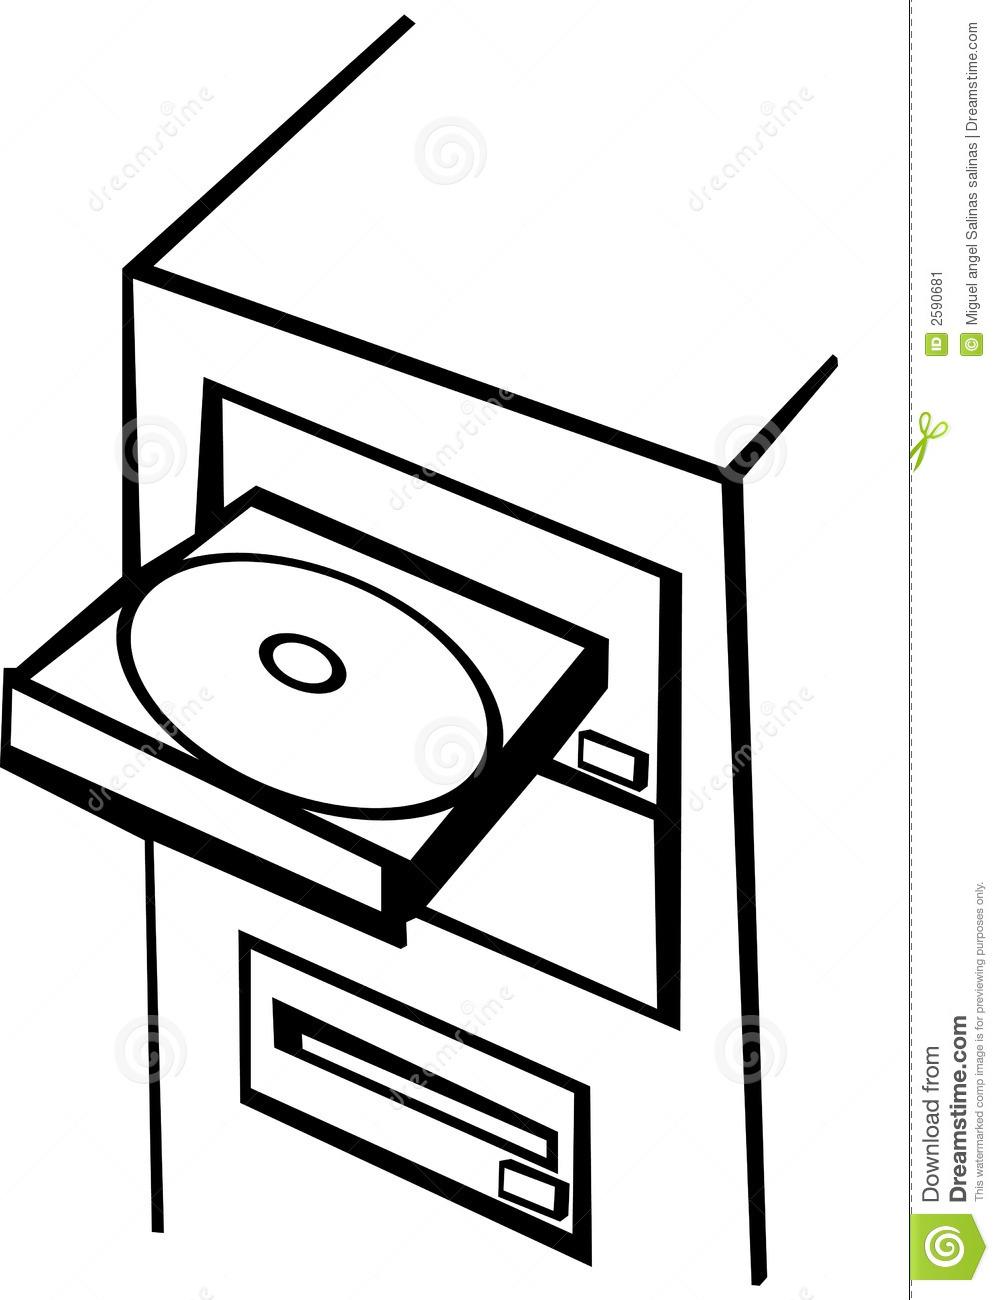 Clip art cd rom.